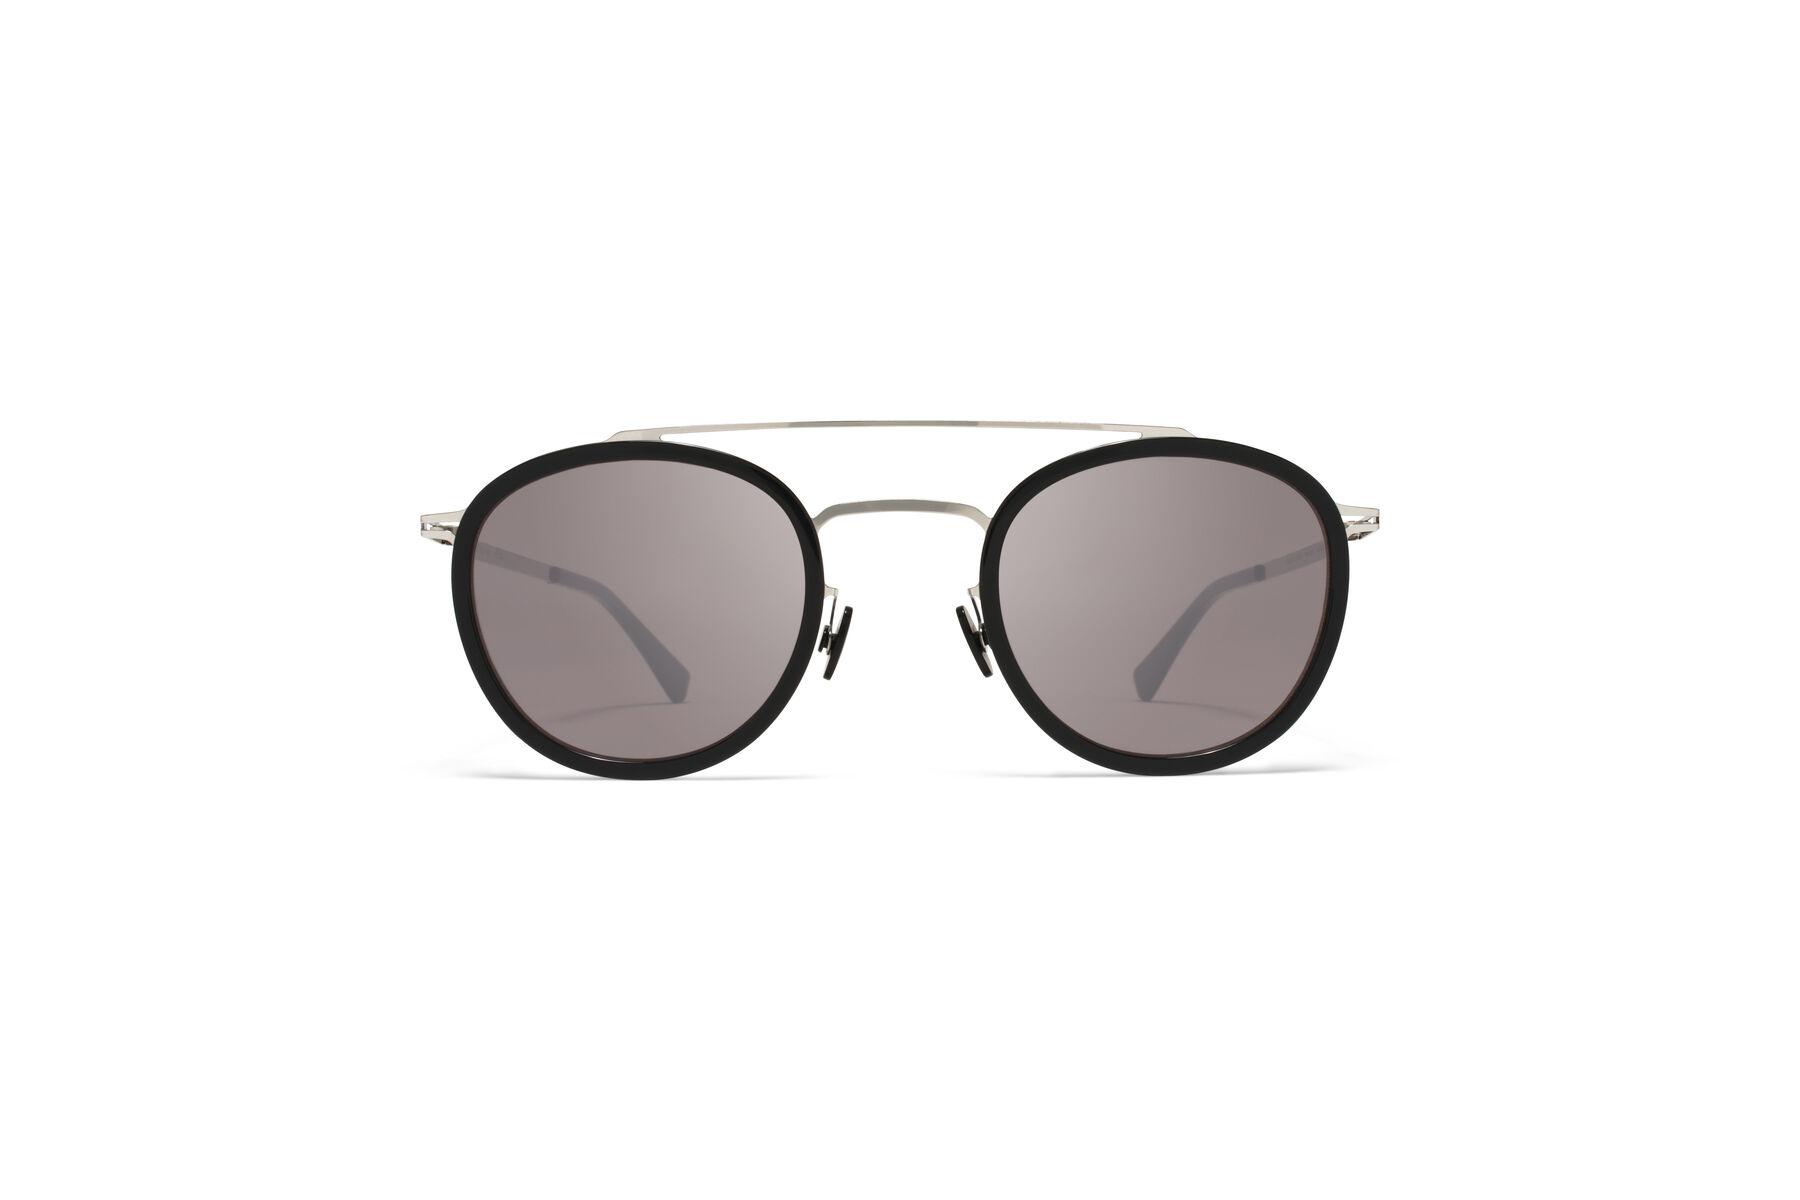 Mykita Olli Mykita Lite Lite Sunglasses FrFZ8g